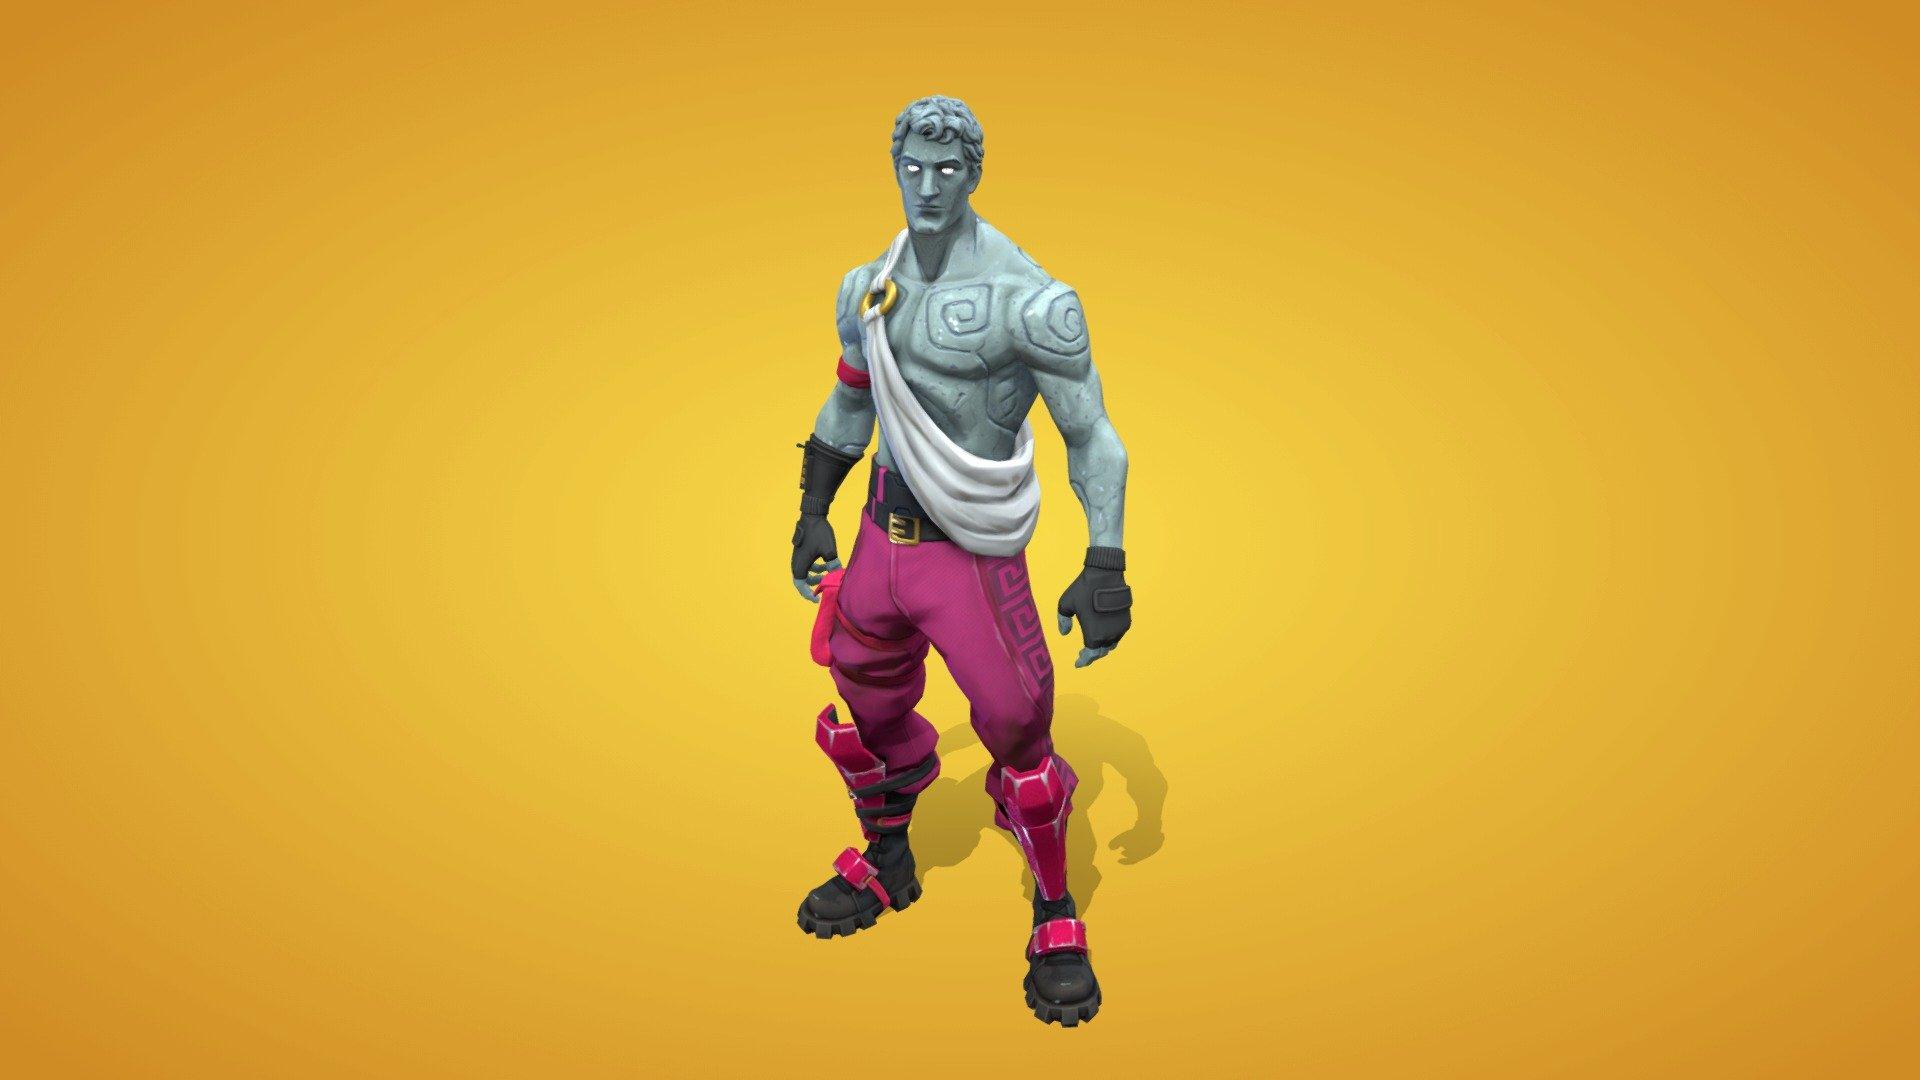 Love Ranger Outfit 3d Model By Fortnite Skins Fortniteskins 6489965 Sketchfab